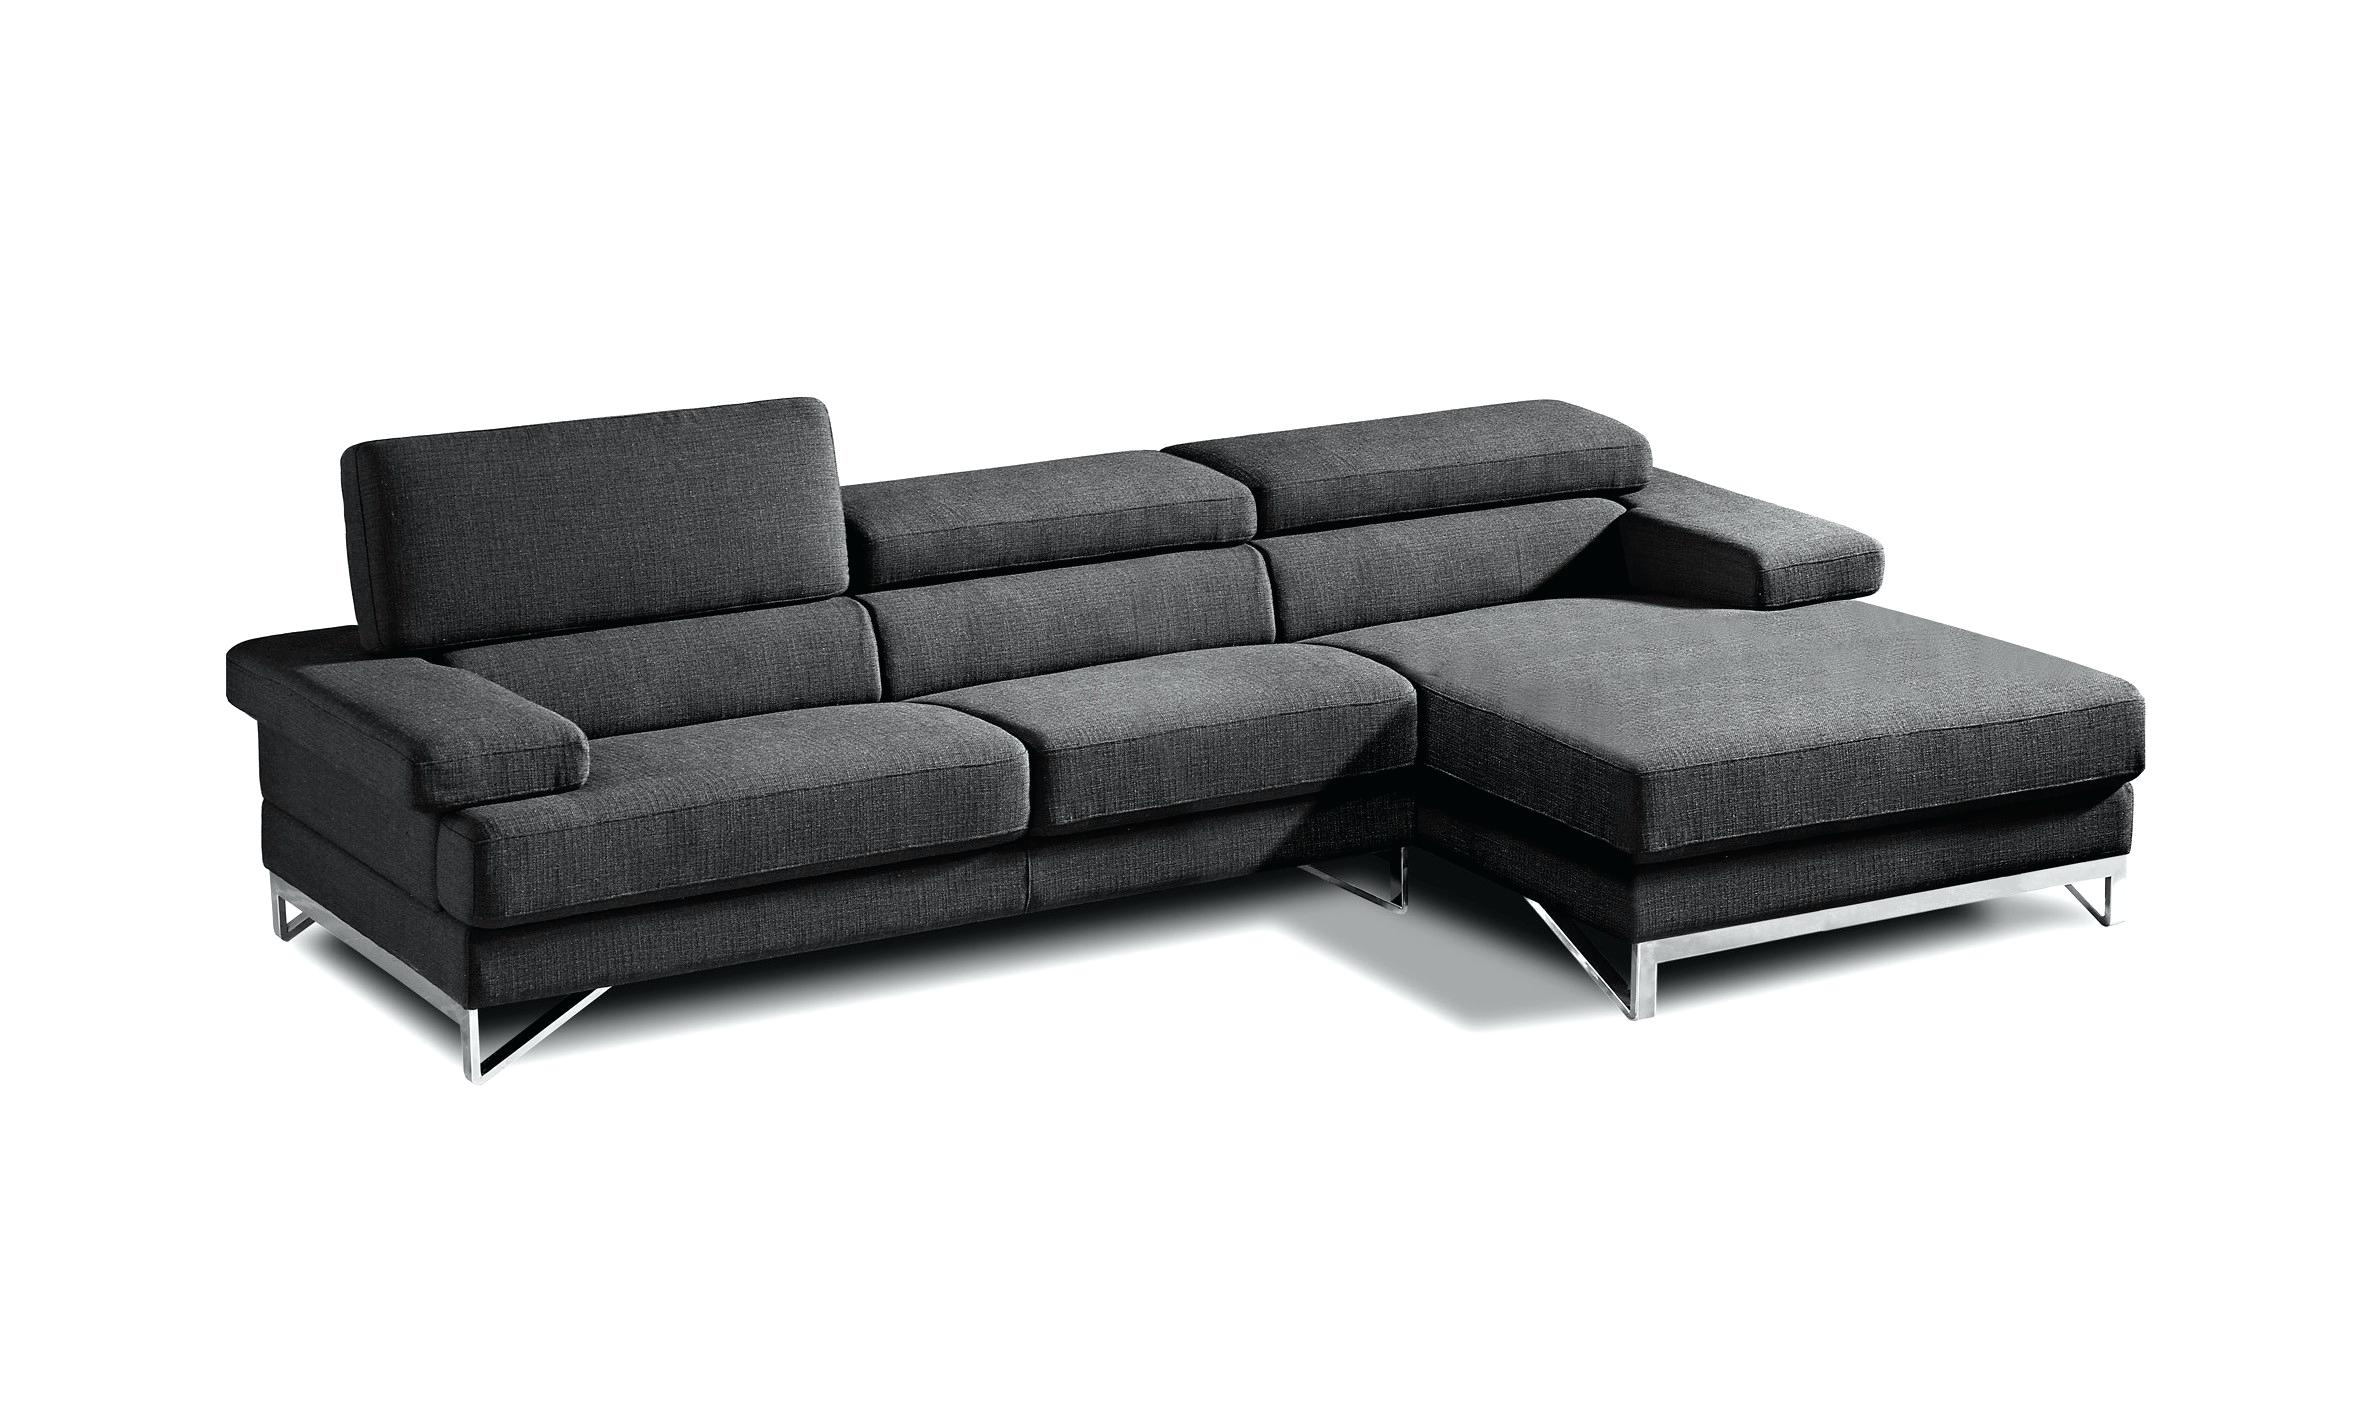 Leather Sectional Sofa Bed Sas Sa21 Sa Canada Vancouver Edmonton For Kijiji Edmonton Sectional Sofas (Image 6 of 10)